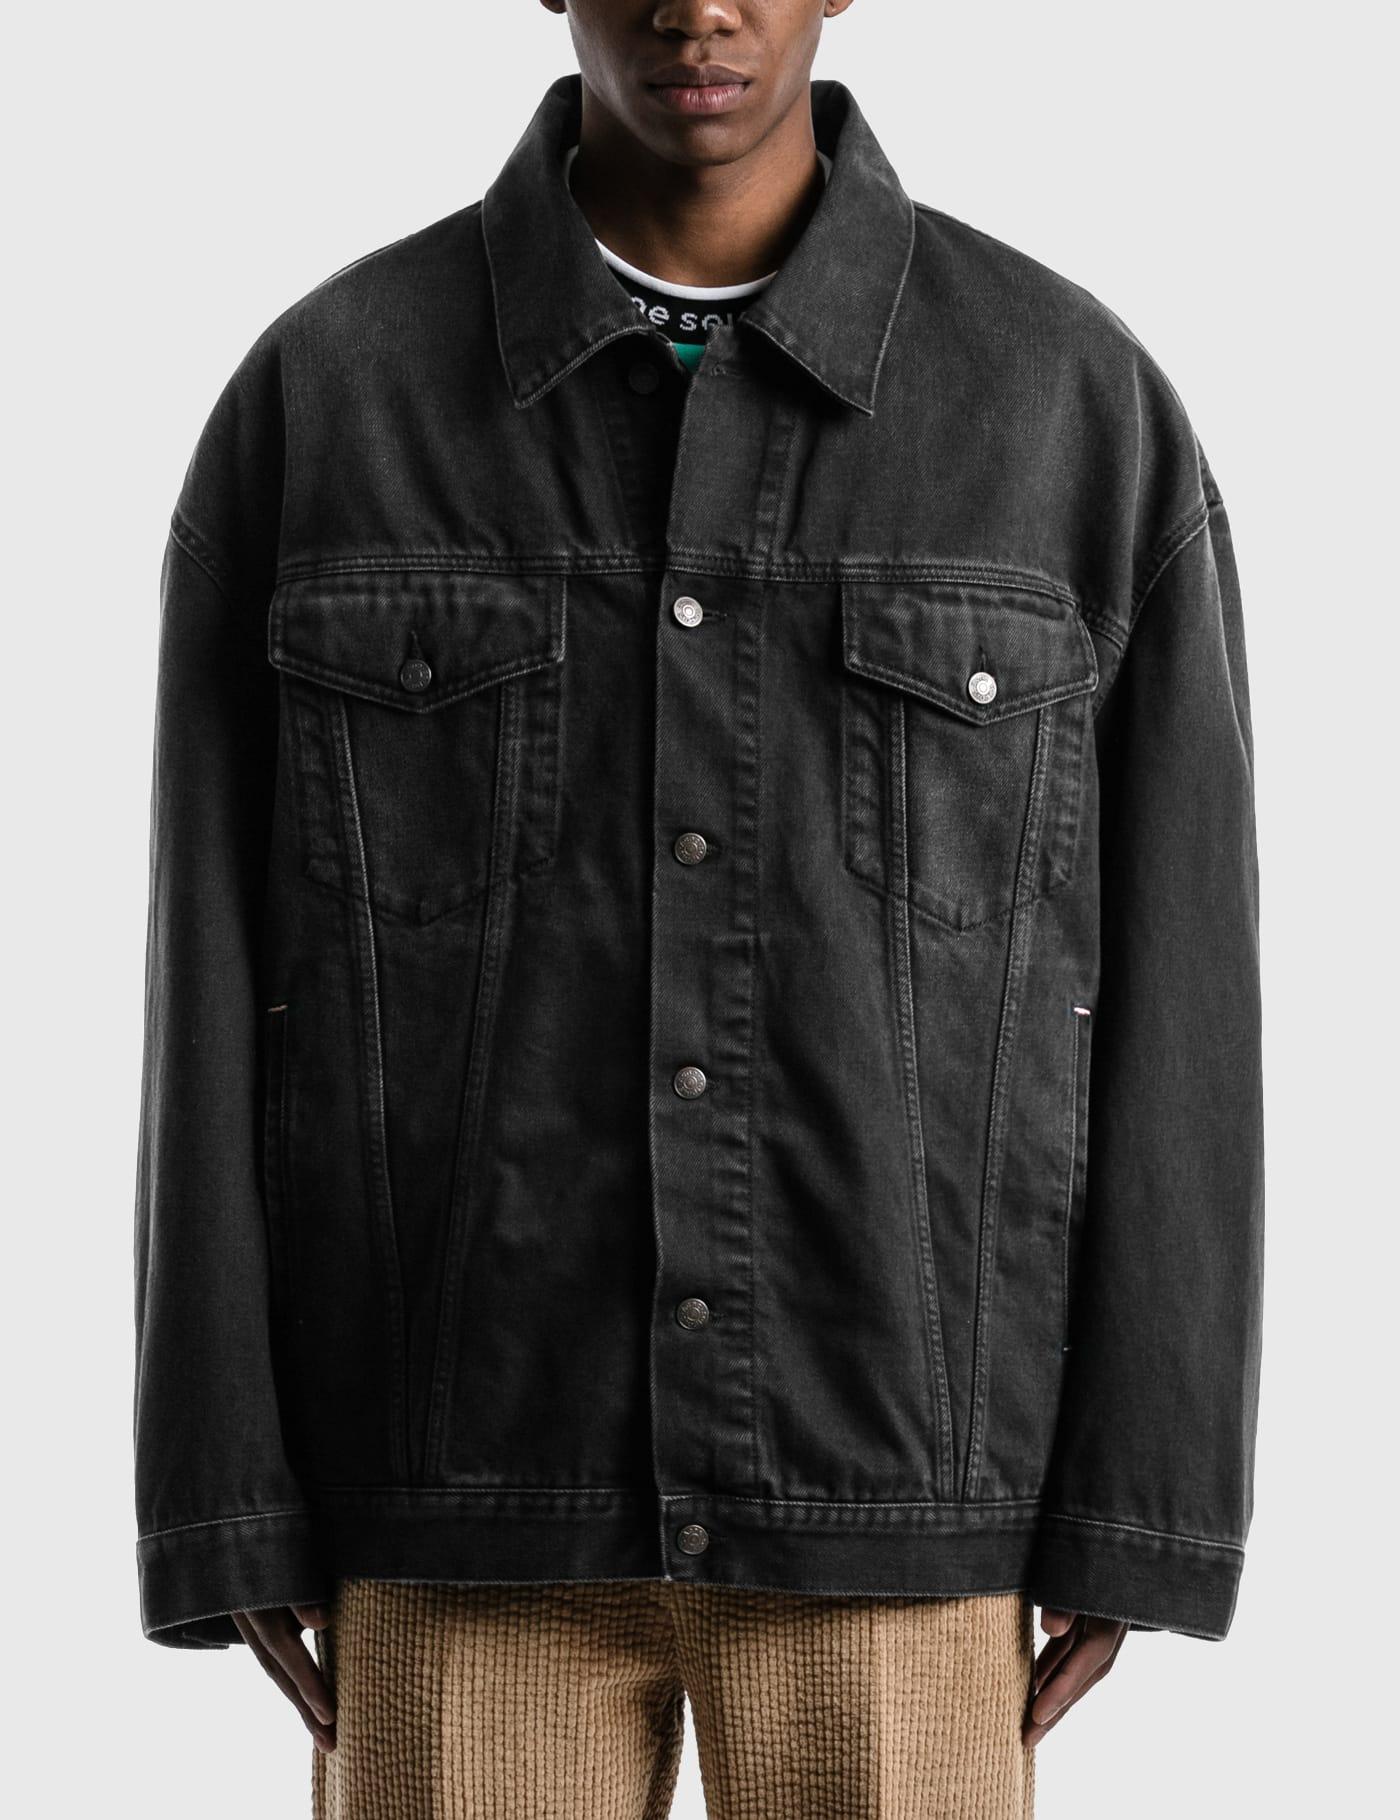 Morris Washed Out Black Denim Jacket